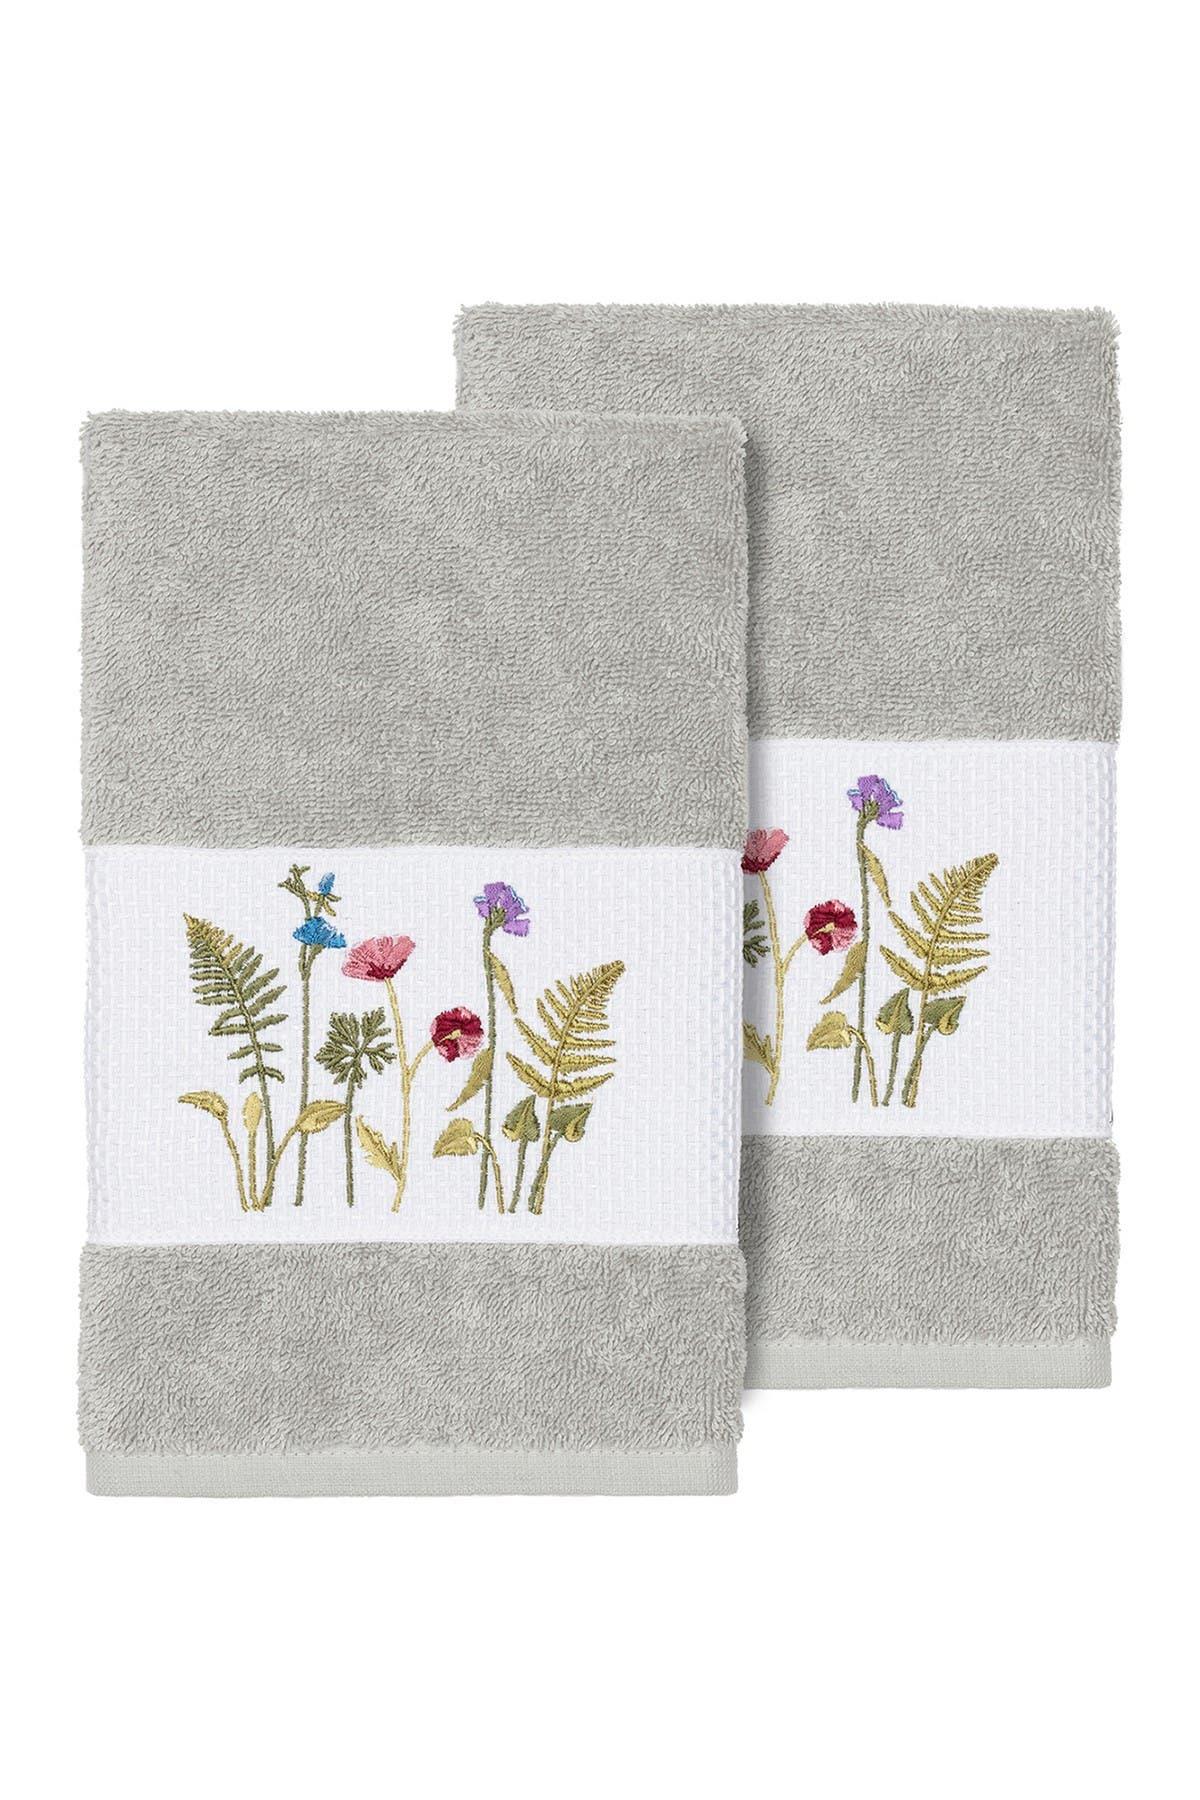 Image of LINUM HOME Serenity Embellished Hand Towel - Set of 2 - Light Grey